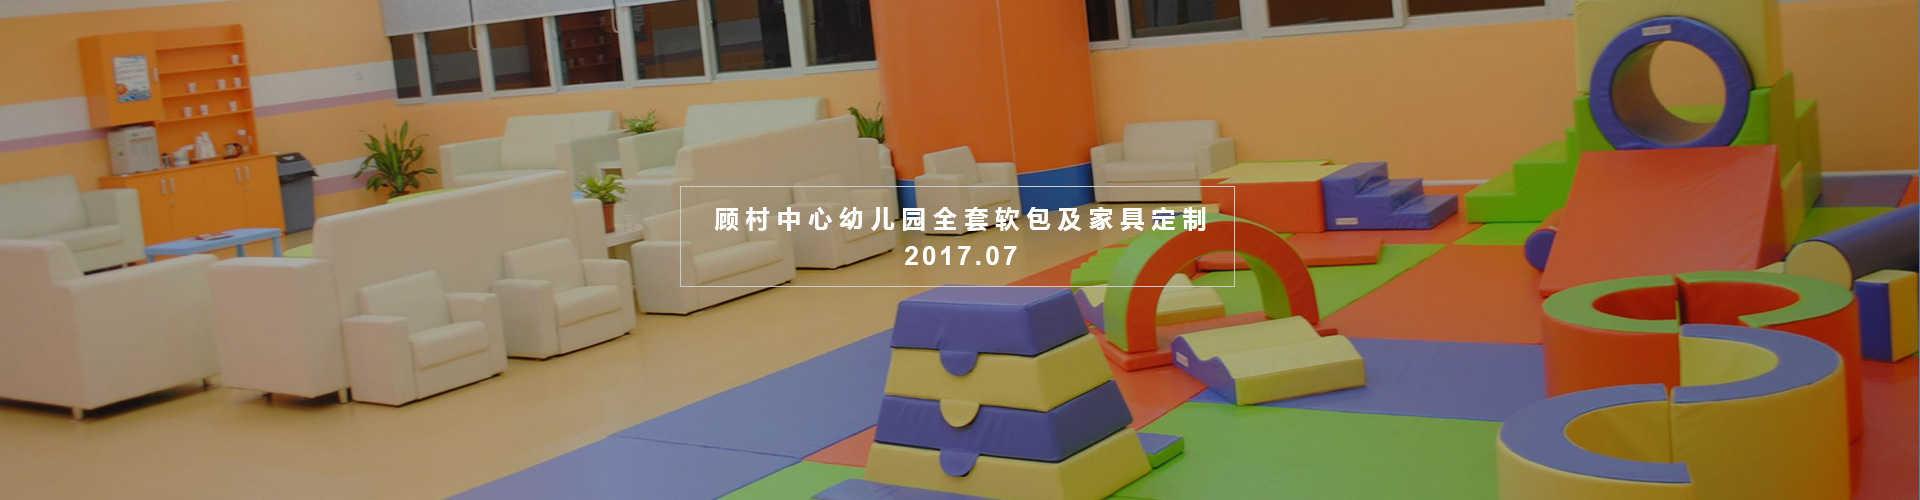 顾村中心幼儿园全套软包及家具定制